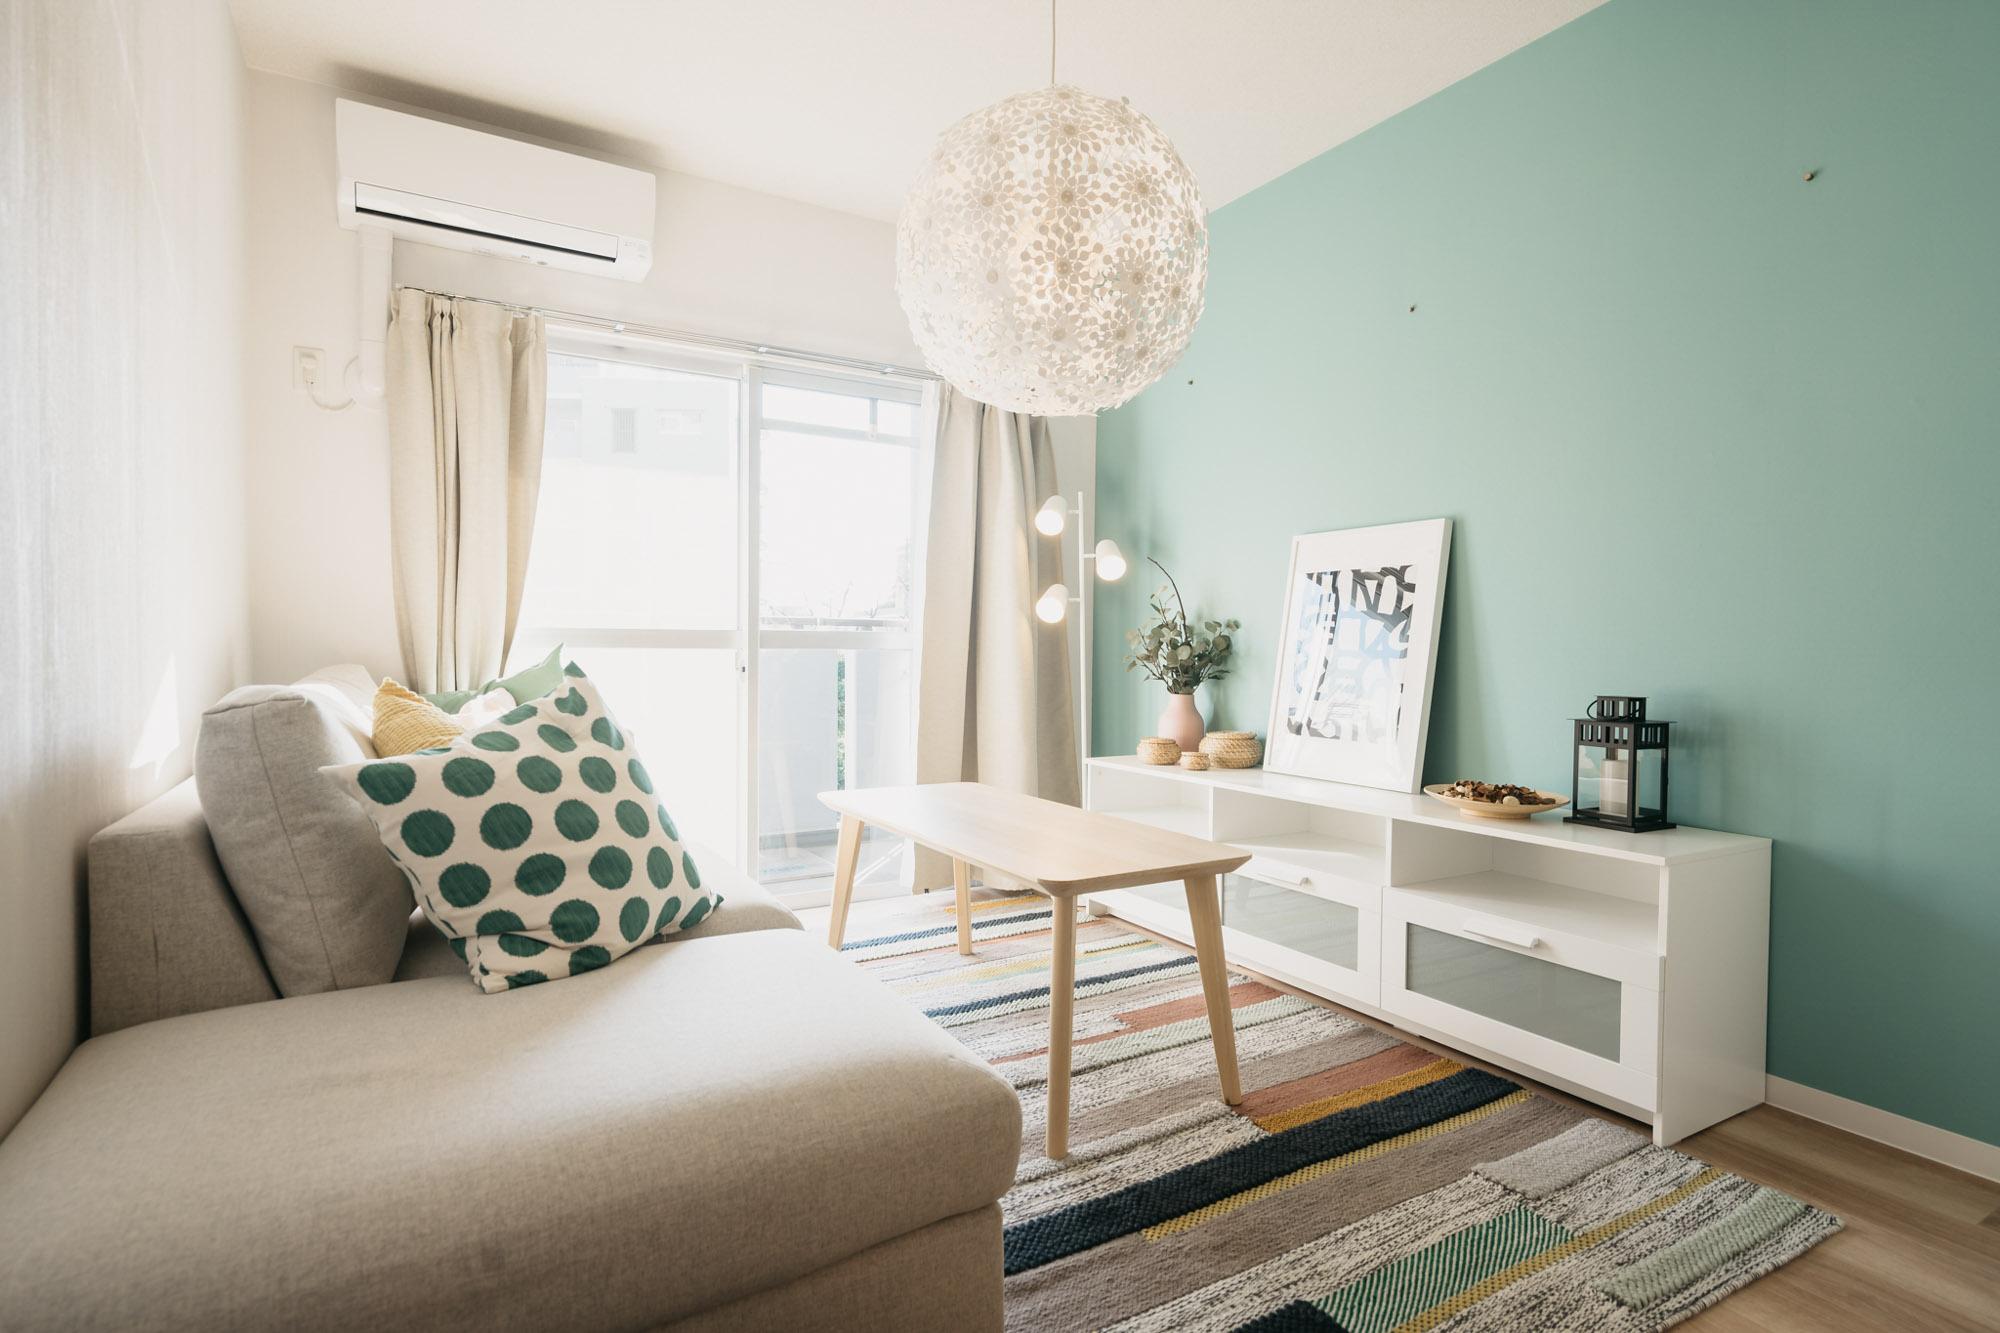 「イケアとURに住もう。」サンヴァリエ桜堤を訪問。明るくナチュラルなインテリアに笑顔になれるお部屋です